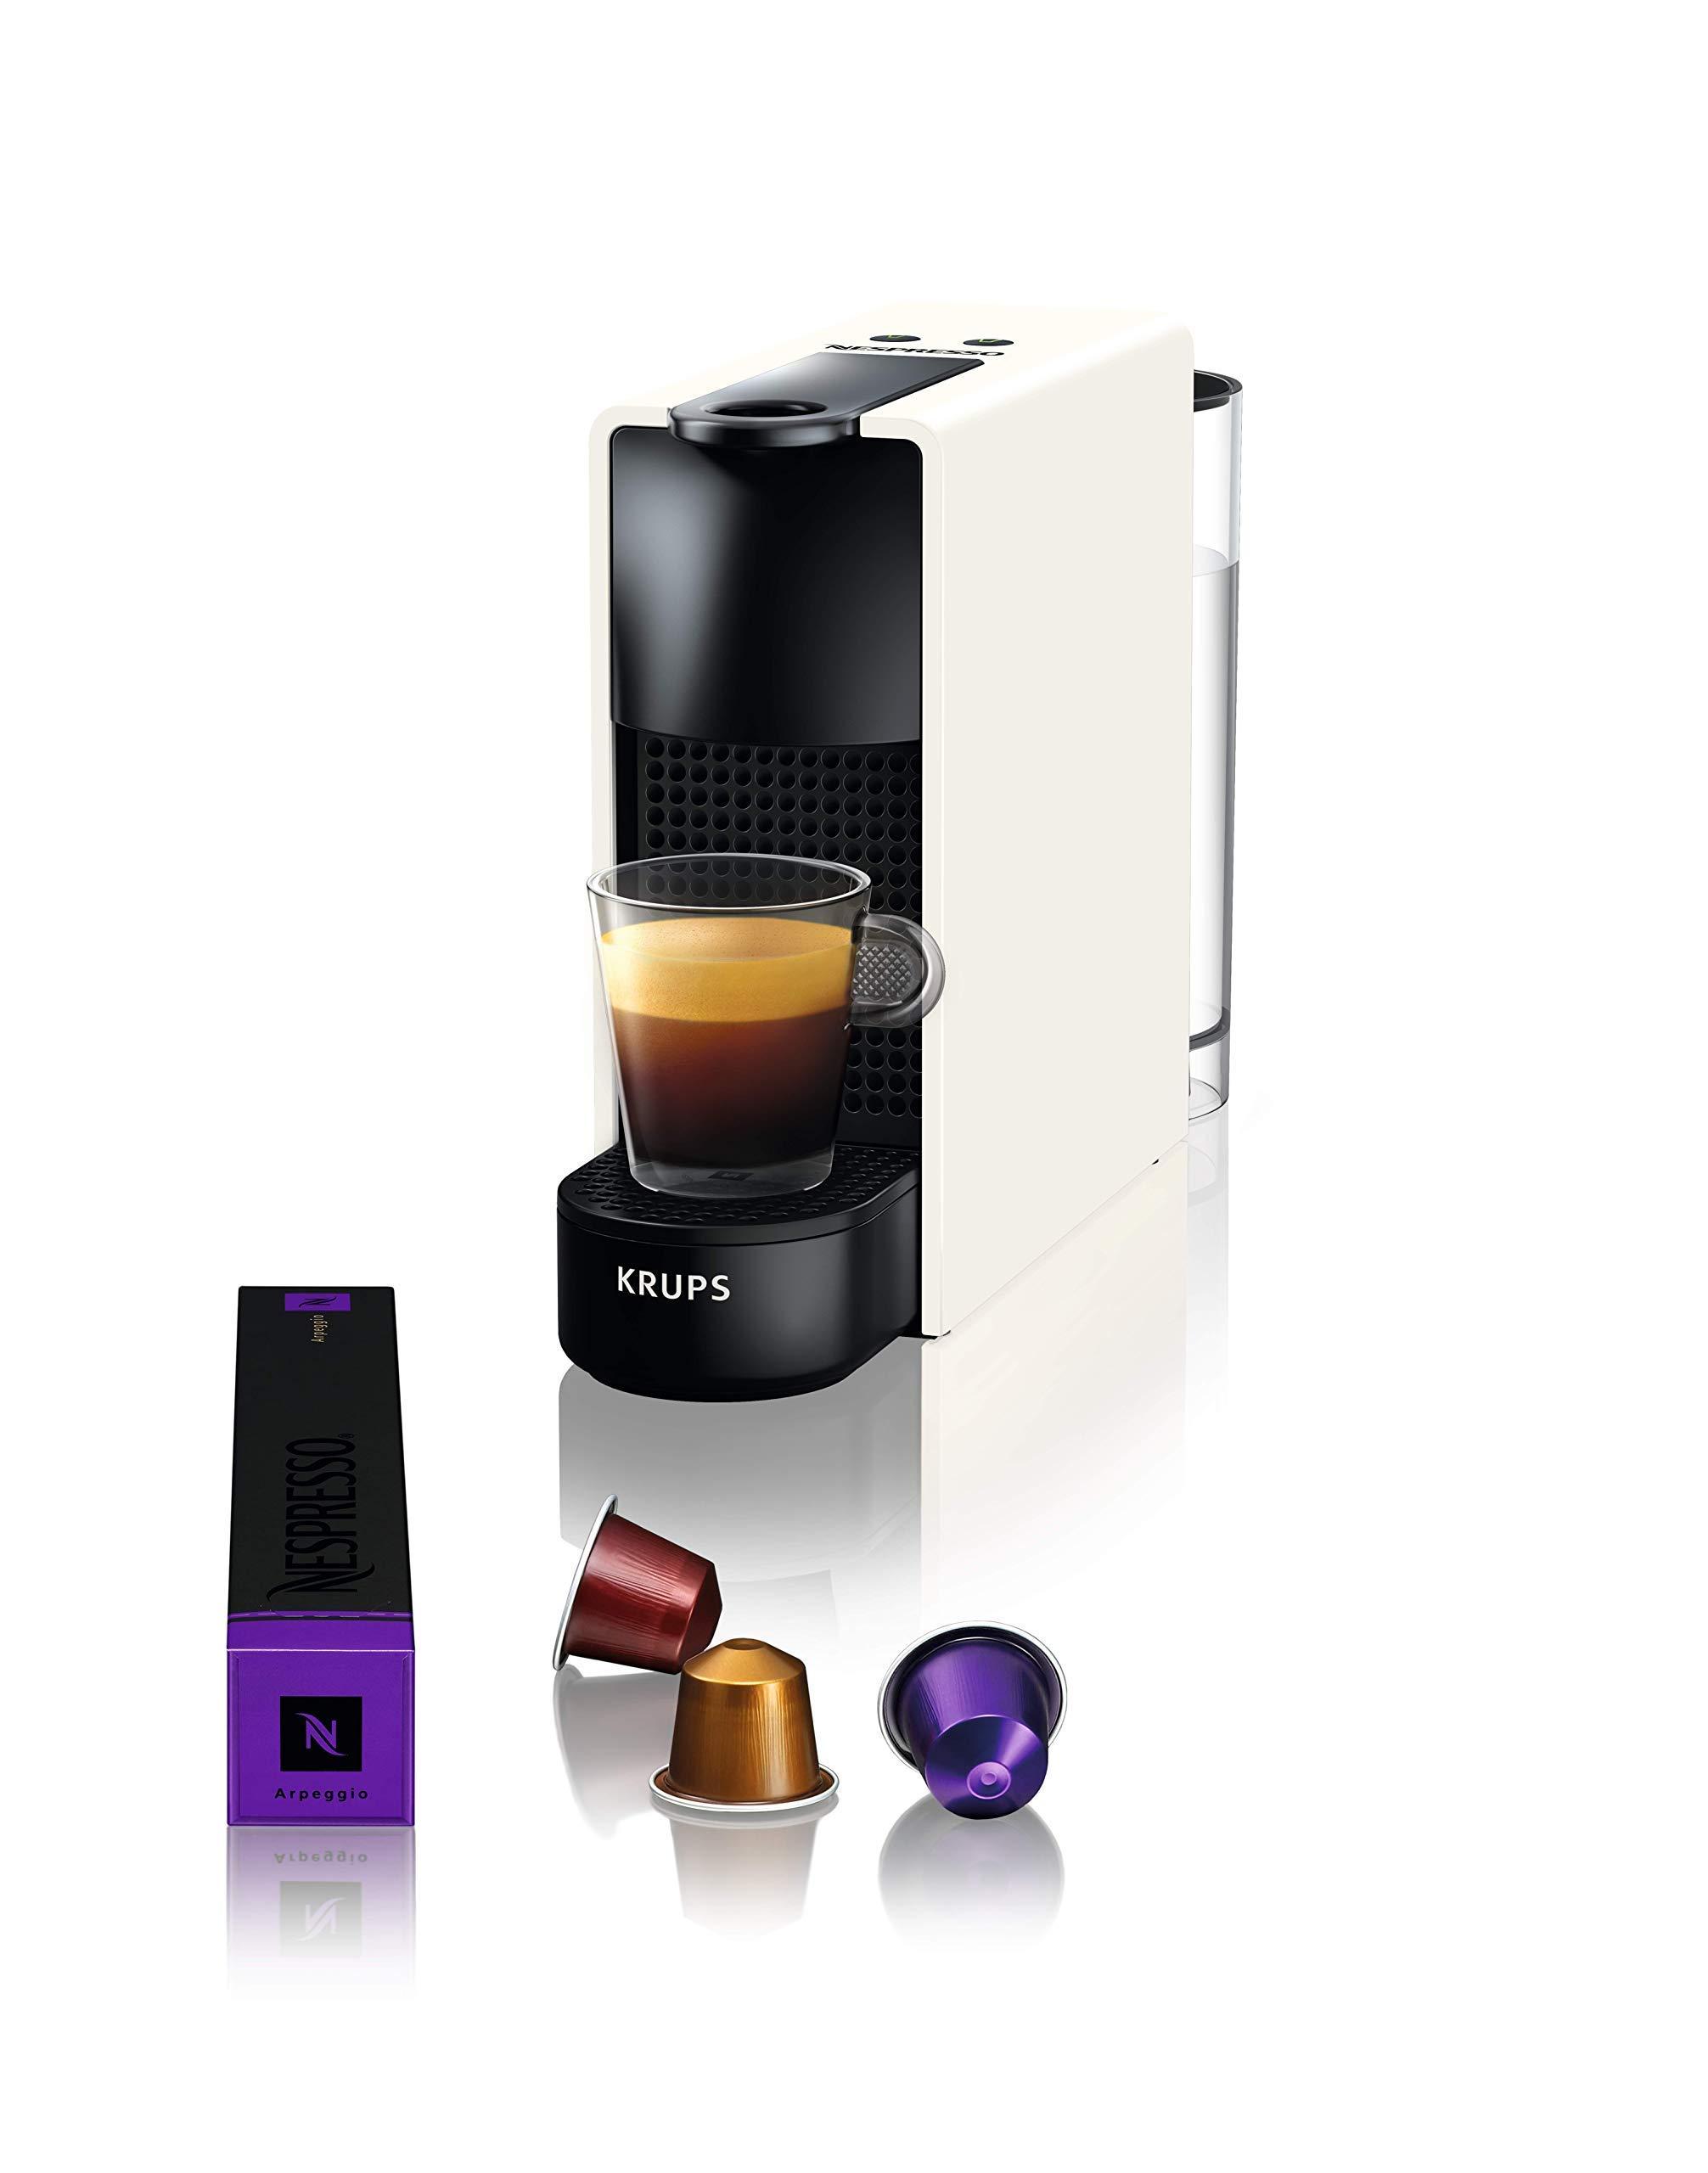 Krups Nespresso Essenza Mini XN1101 - Cafetera monodosis de cápsulas Nespresso, compacta, 19 bares, apagado automático, color blanco, Pack Cápsulas bienvenida incluido